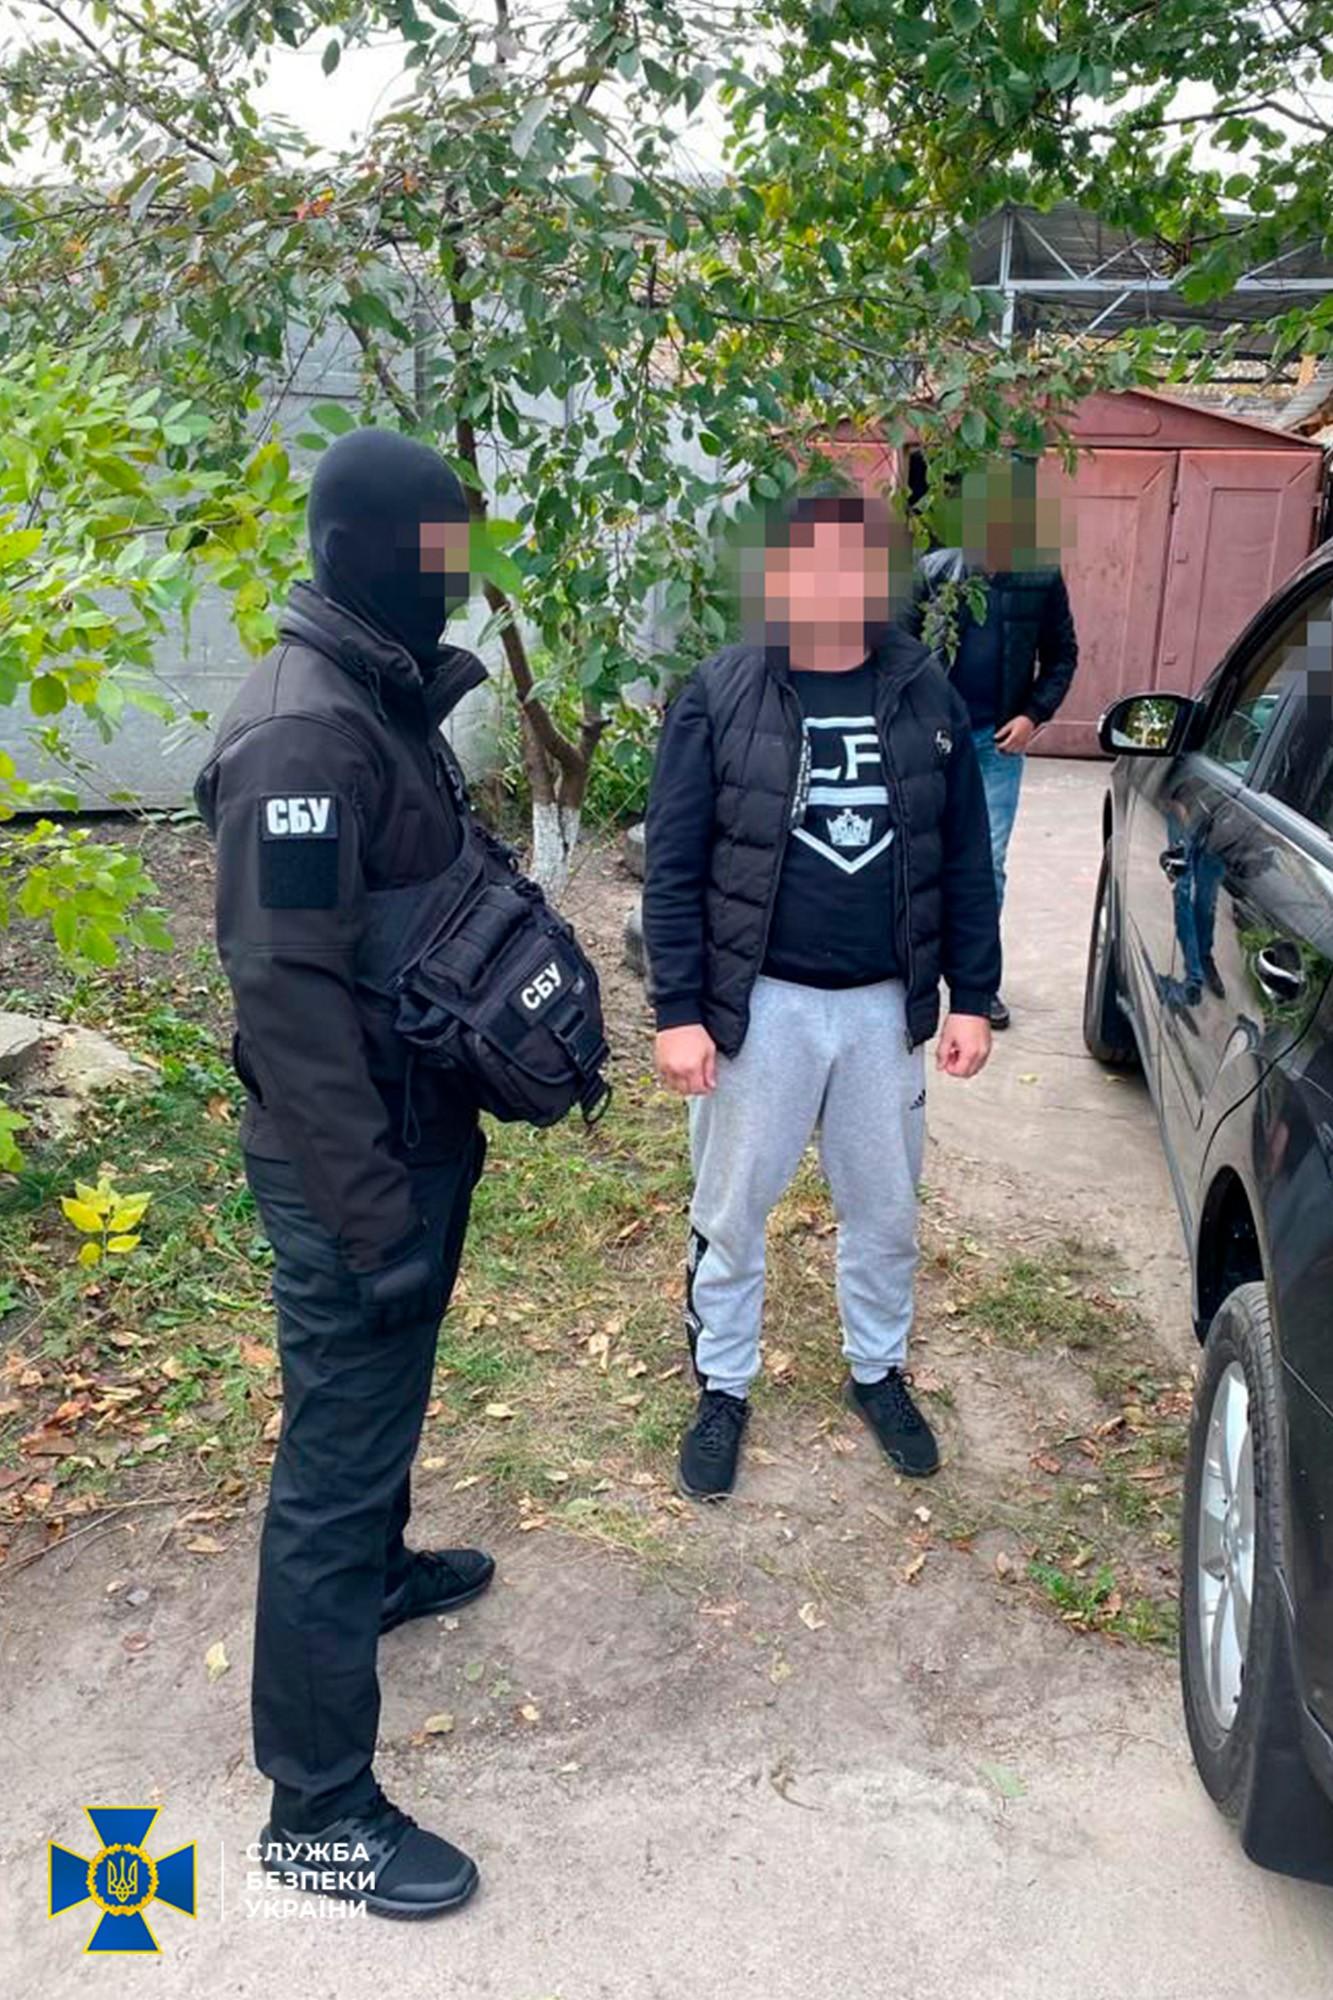 Под Киевом разоблачили банду «криминального авторитета» (фото, видео) - 1 - изображение